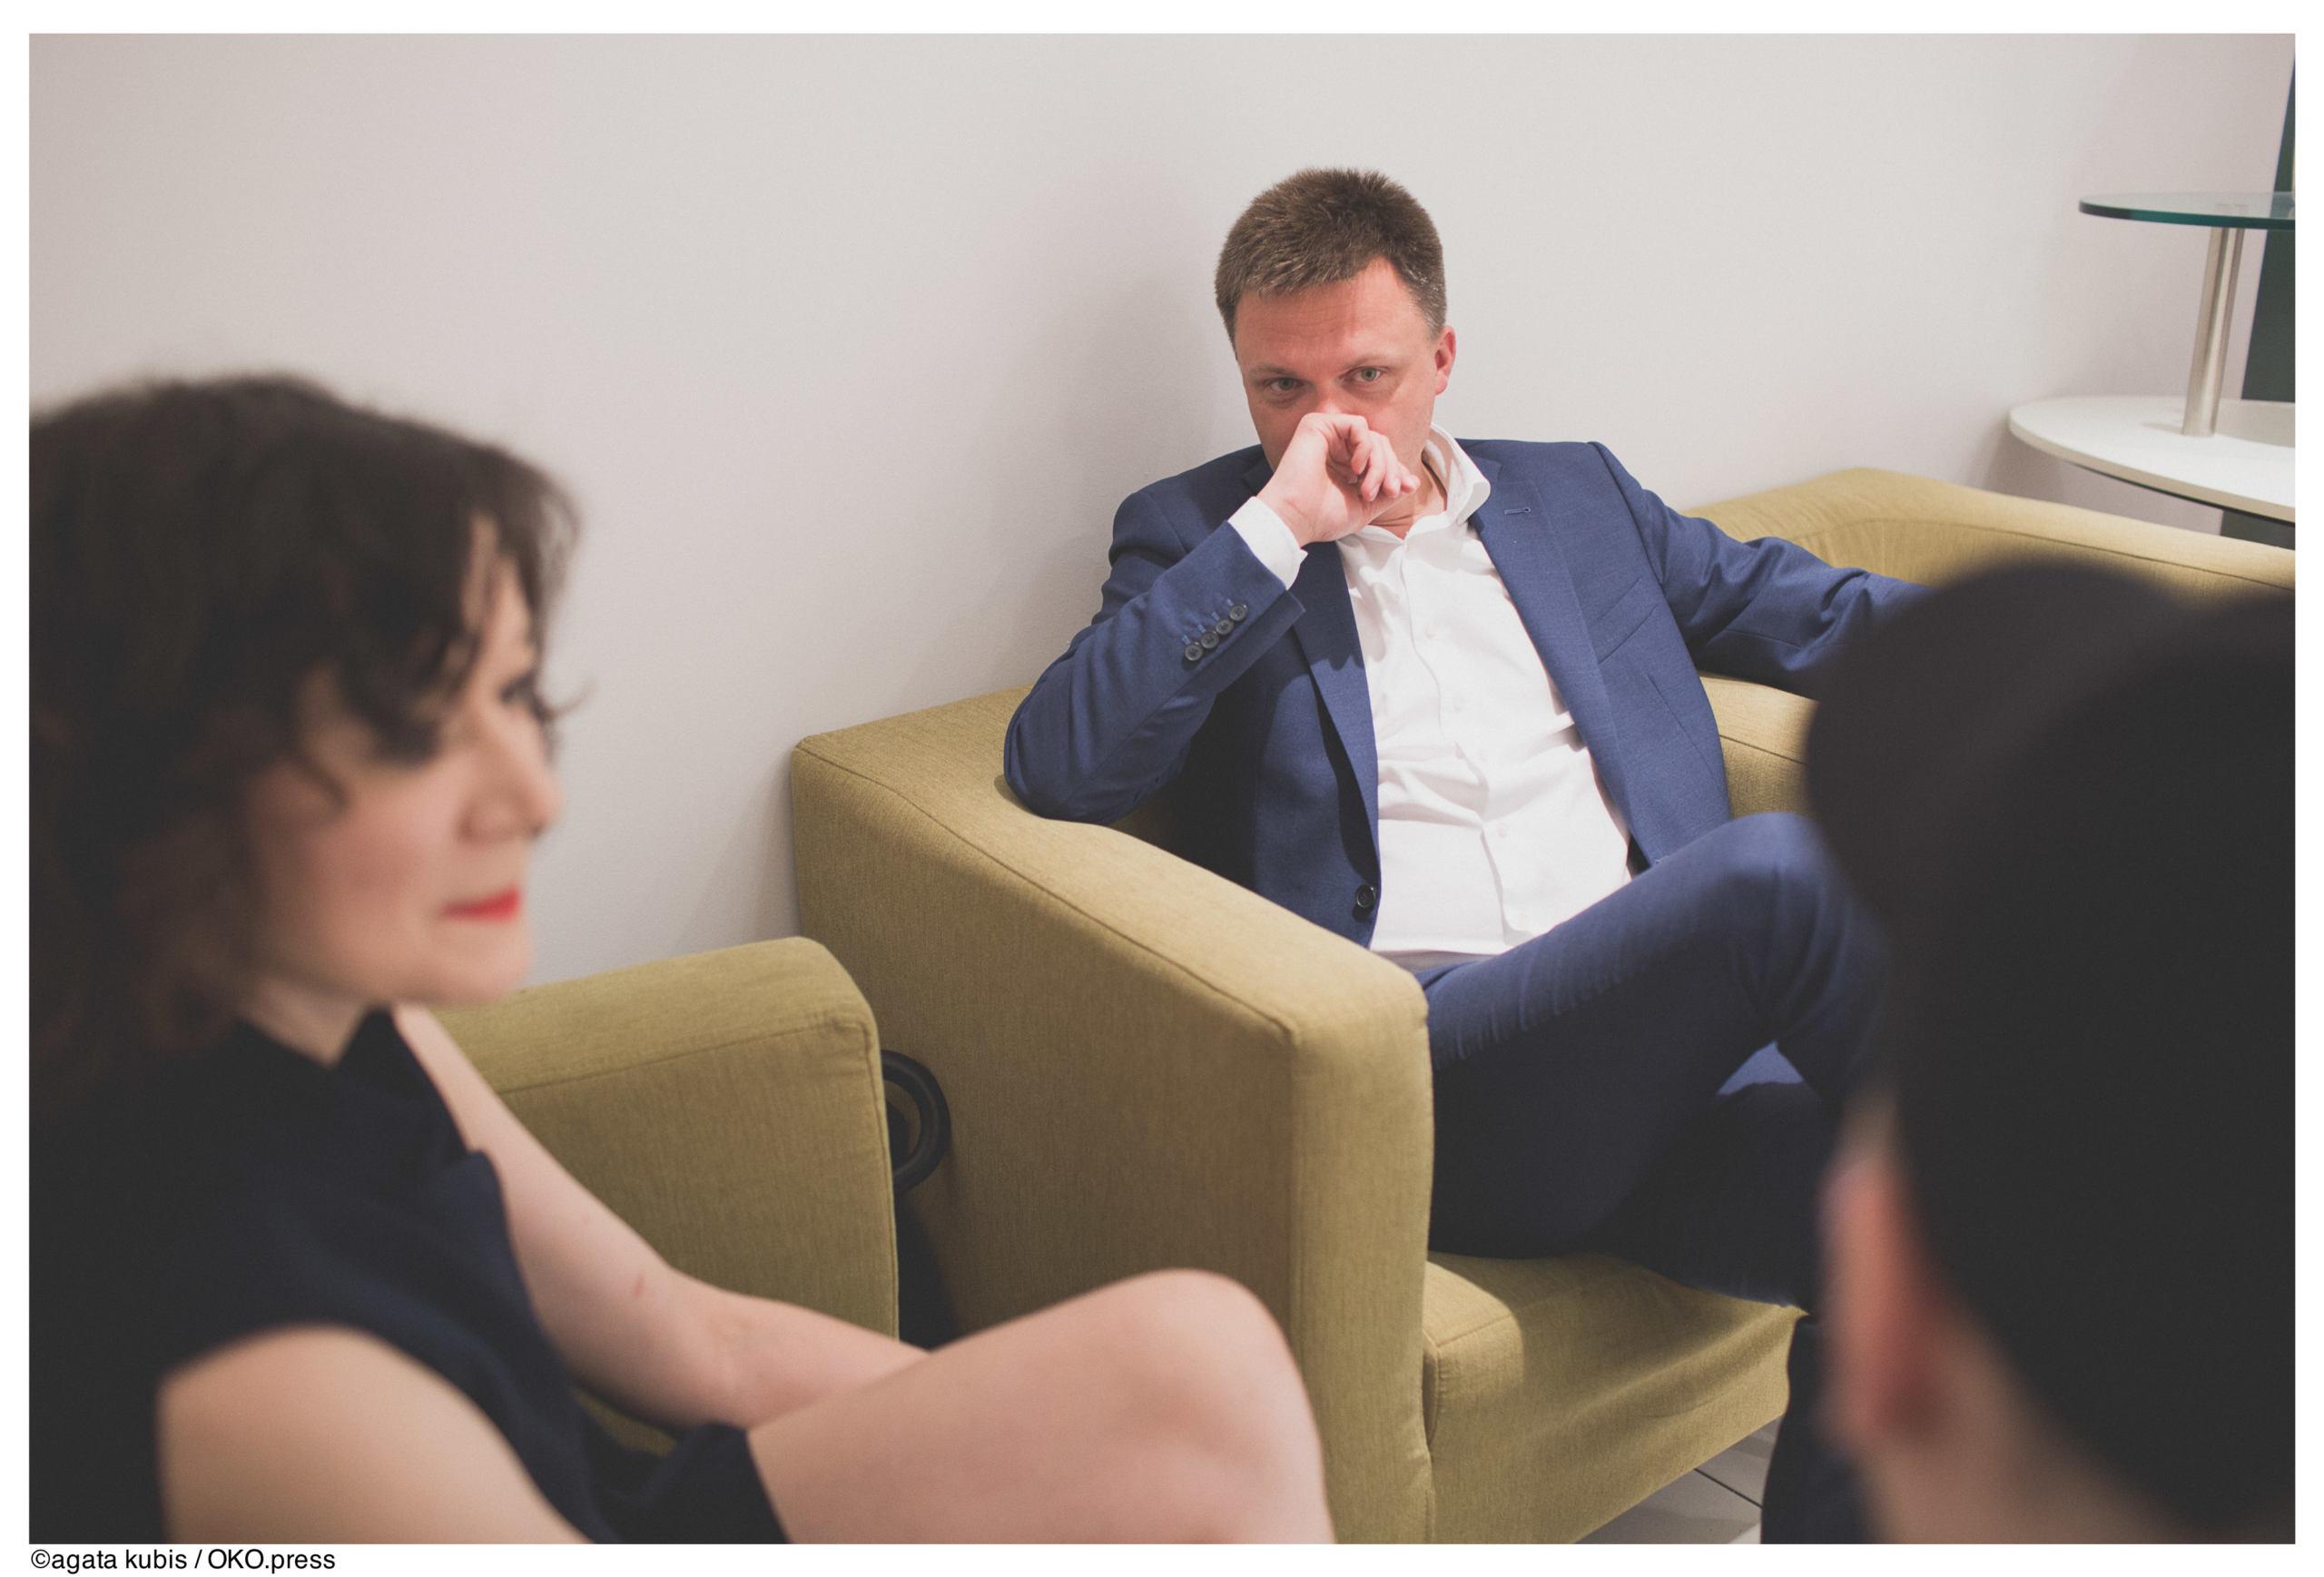 Szymon Hołownia - wywiad OKO.press